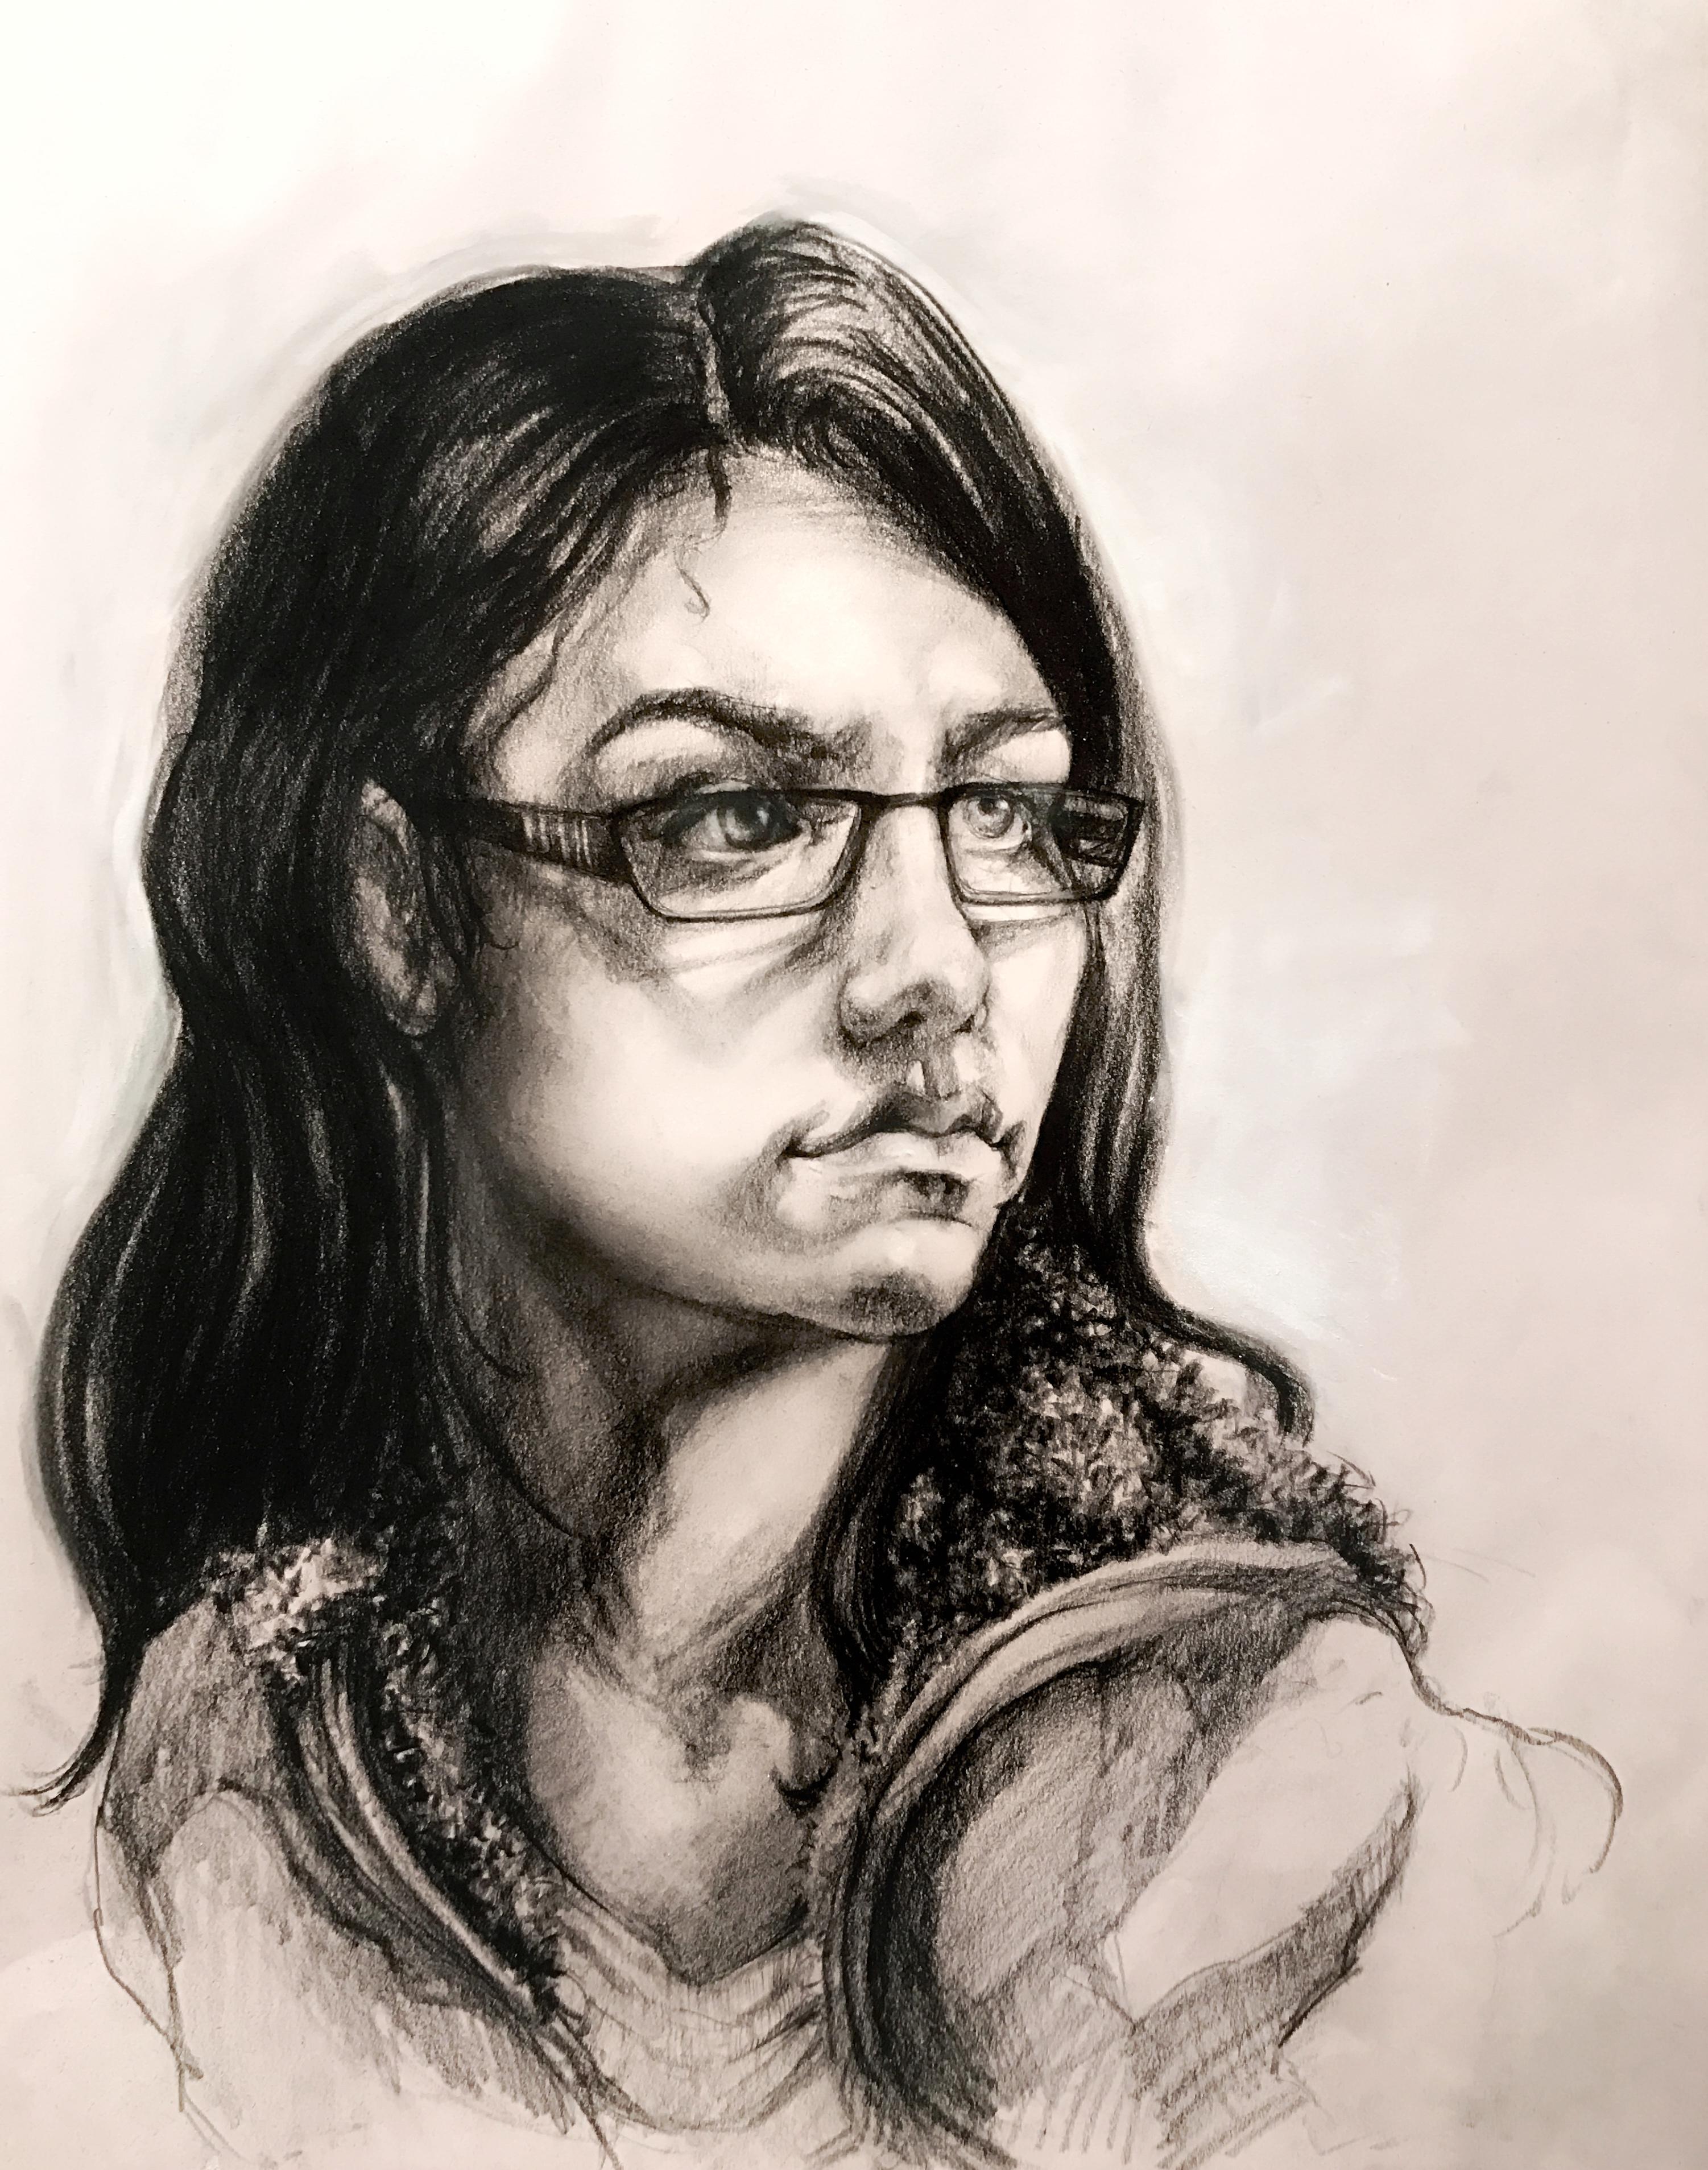 Andrea. Charcoal. 18x24